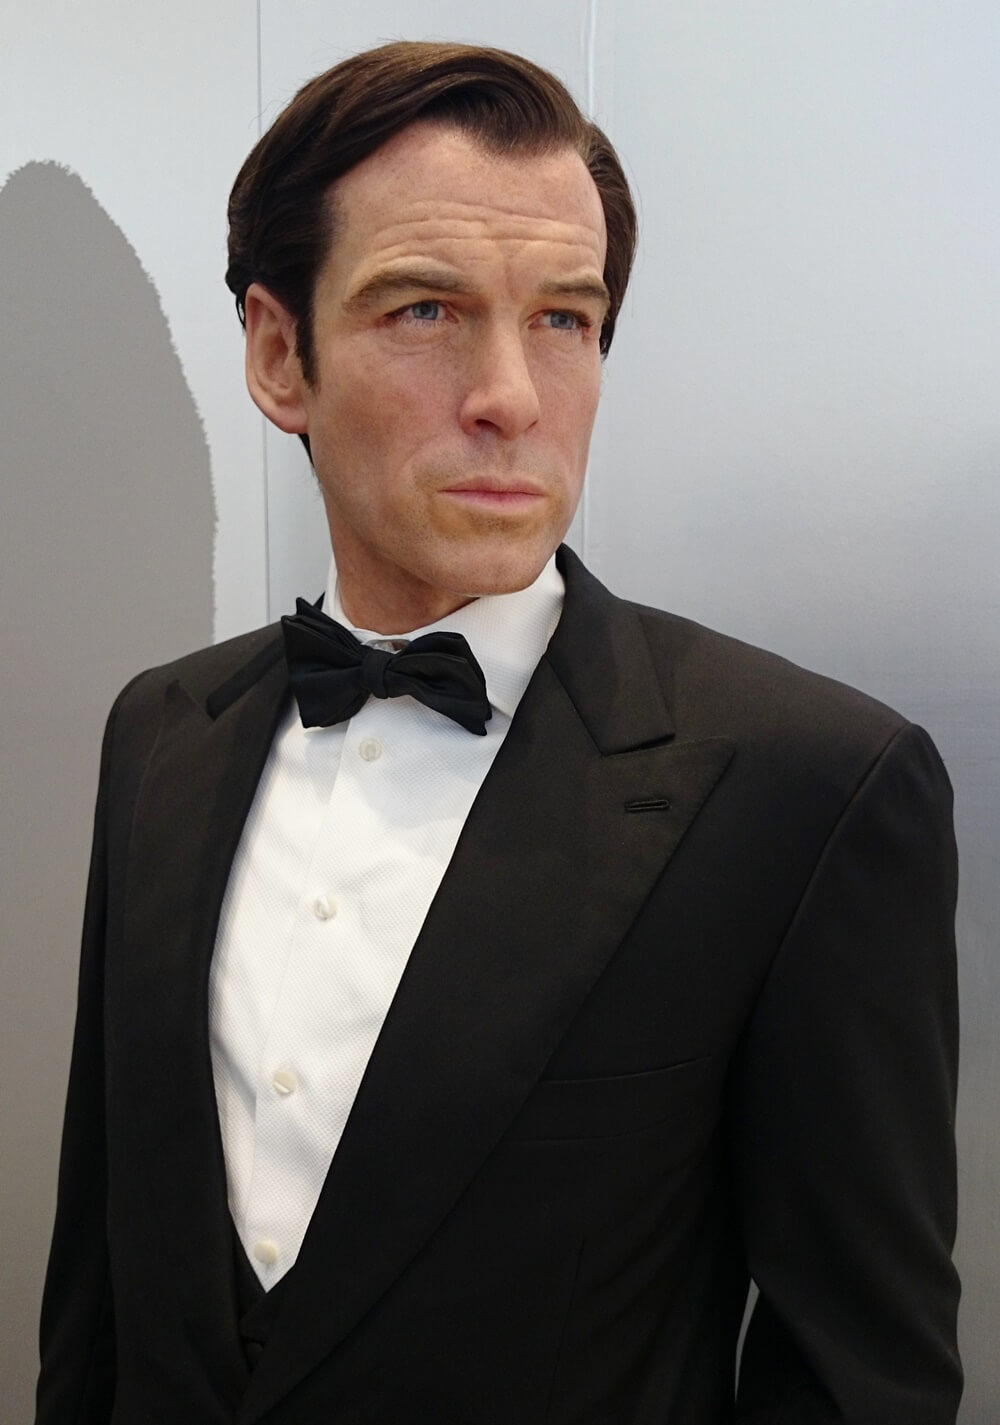 5代目:ピアース・ブロスナン(Pierce Brosnan)歴代ジェームス・ボンド マダムタッソー バーニーズニューヨーク 007_madametussauds_BARNEYS NEW YORK